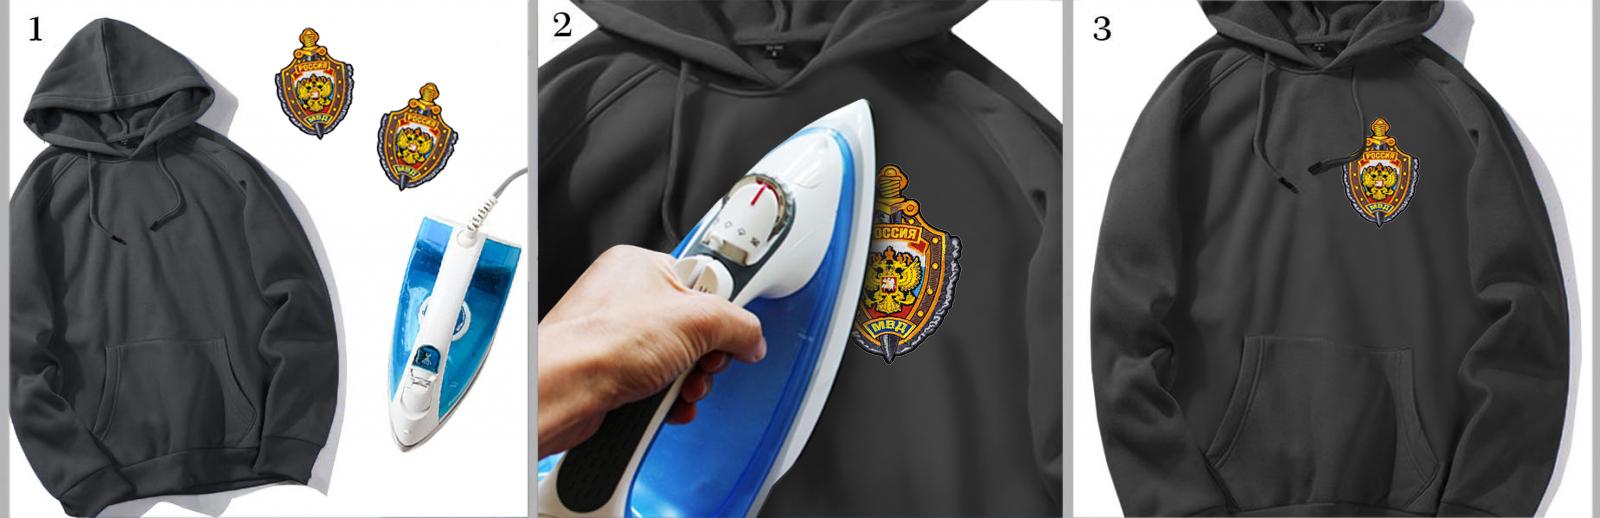 Качественная и недорогая термонашивка на одежду МВД